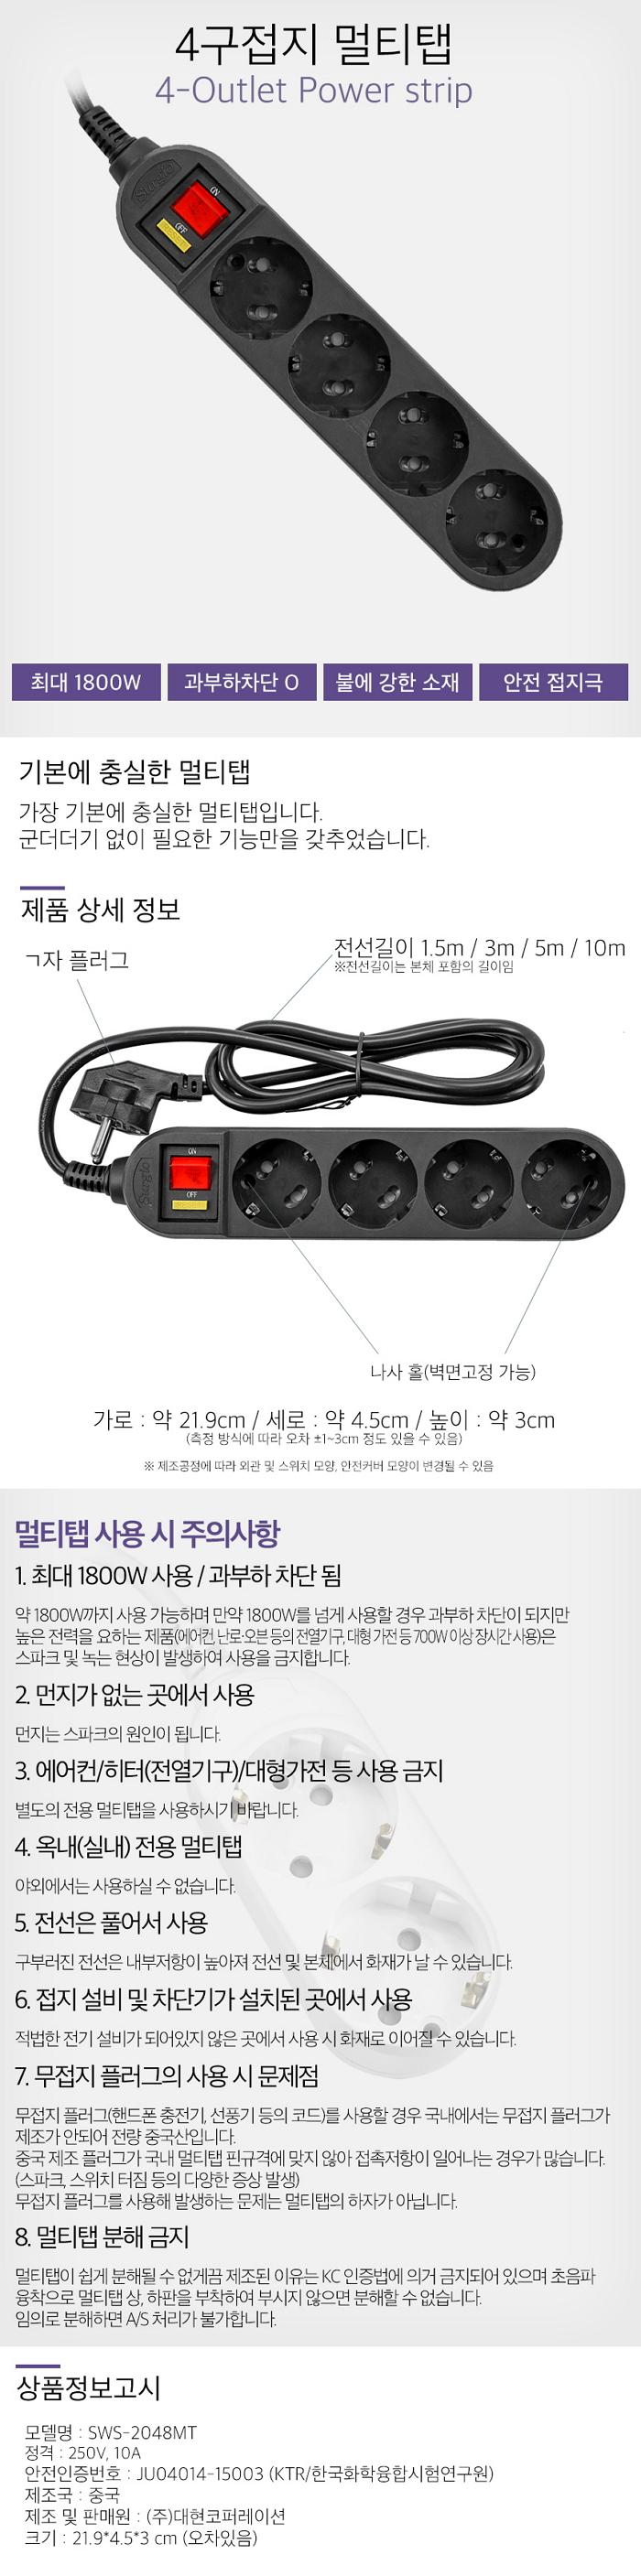 대현코퍼레이션 써지오 5구 10A 메인 스위치 멀티탭 블랙 신형 (10m)